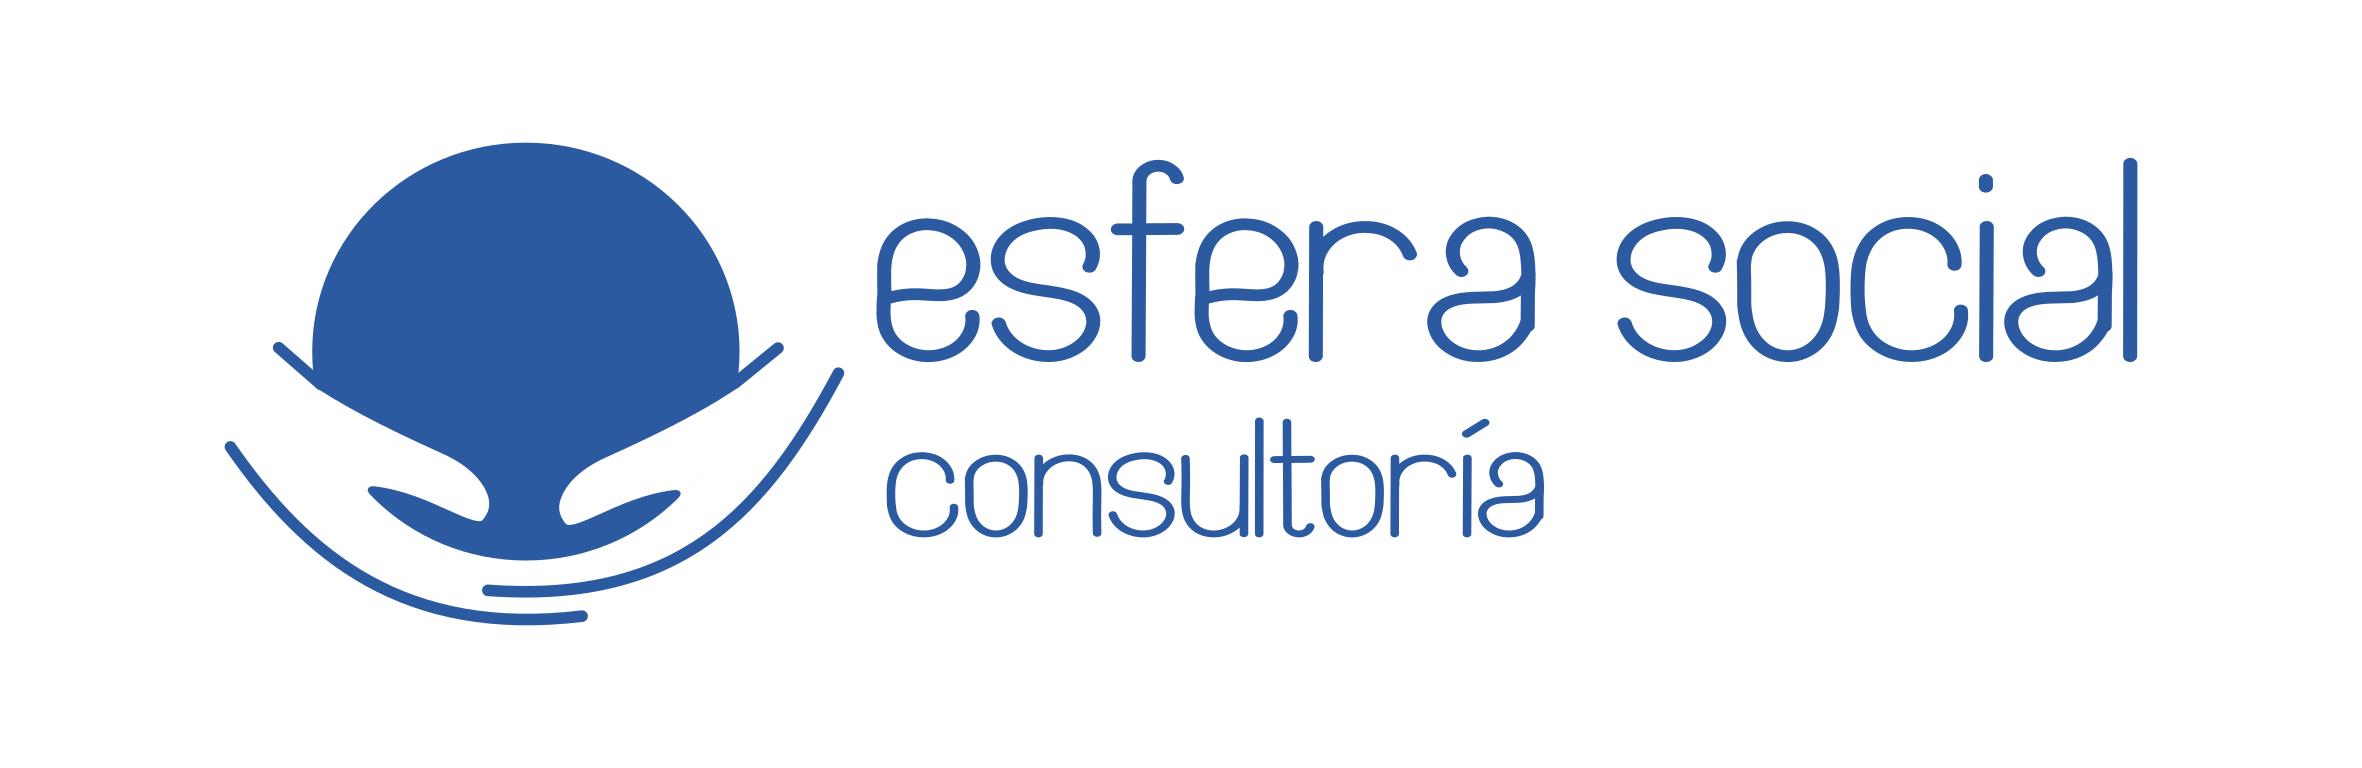 Esfera Social Consultoria